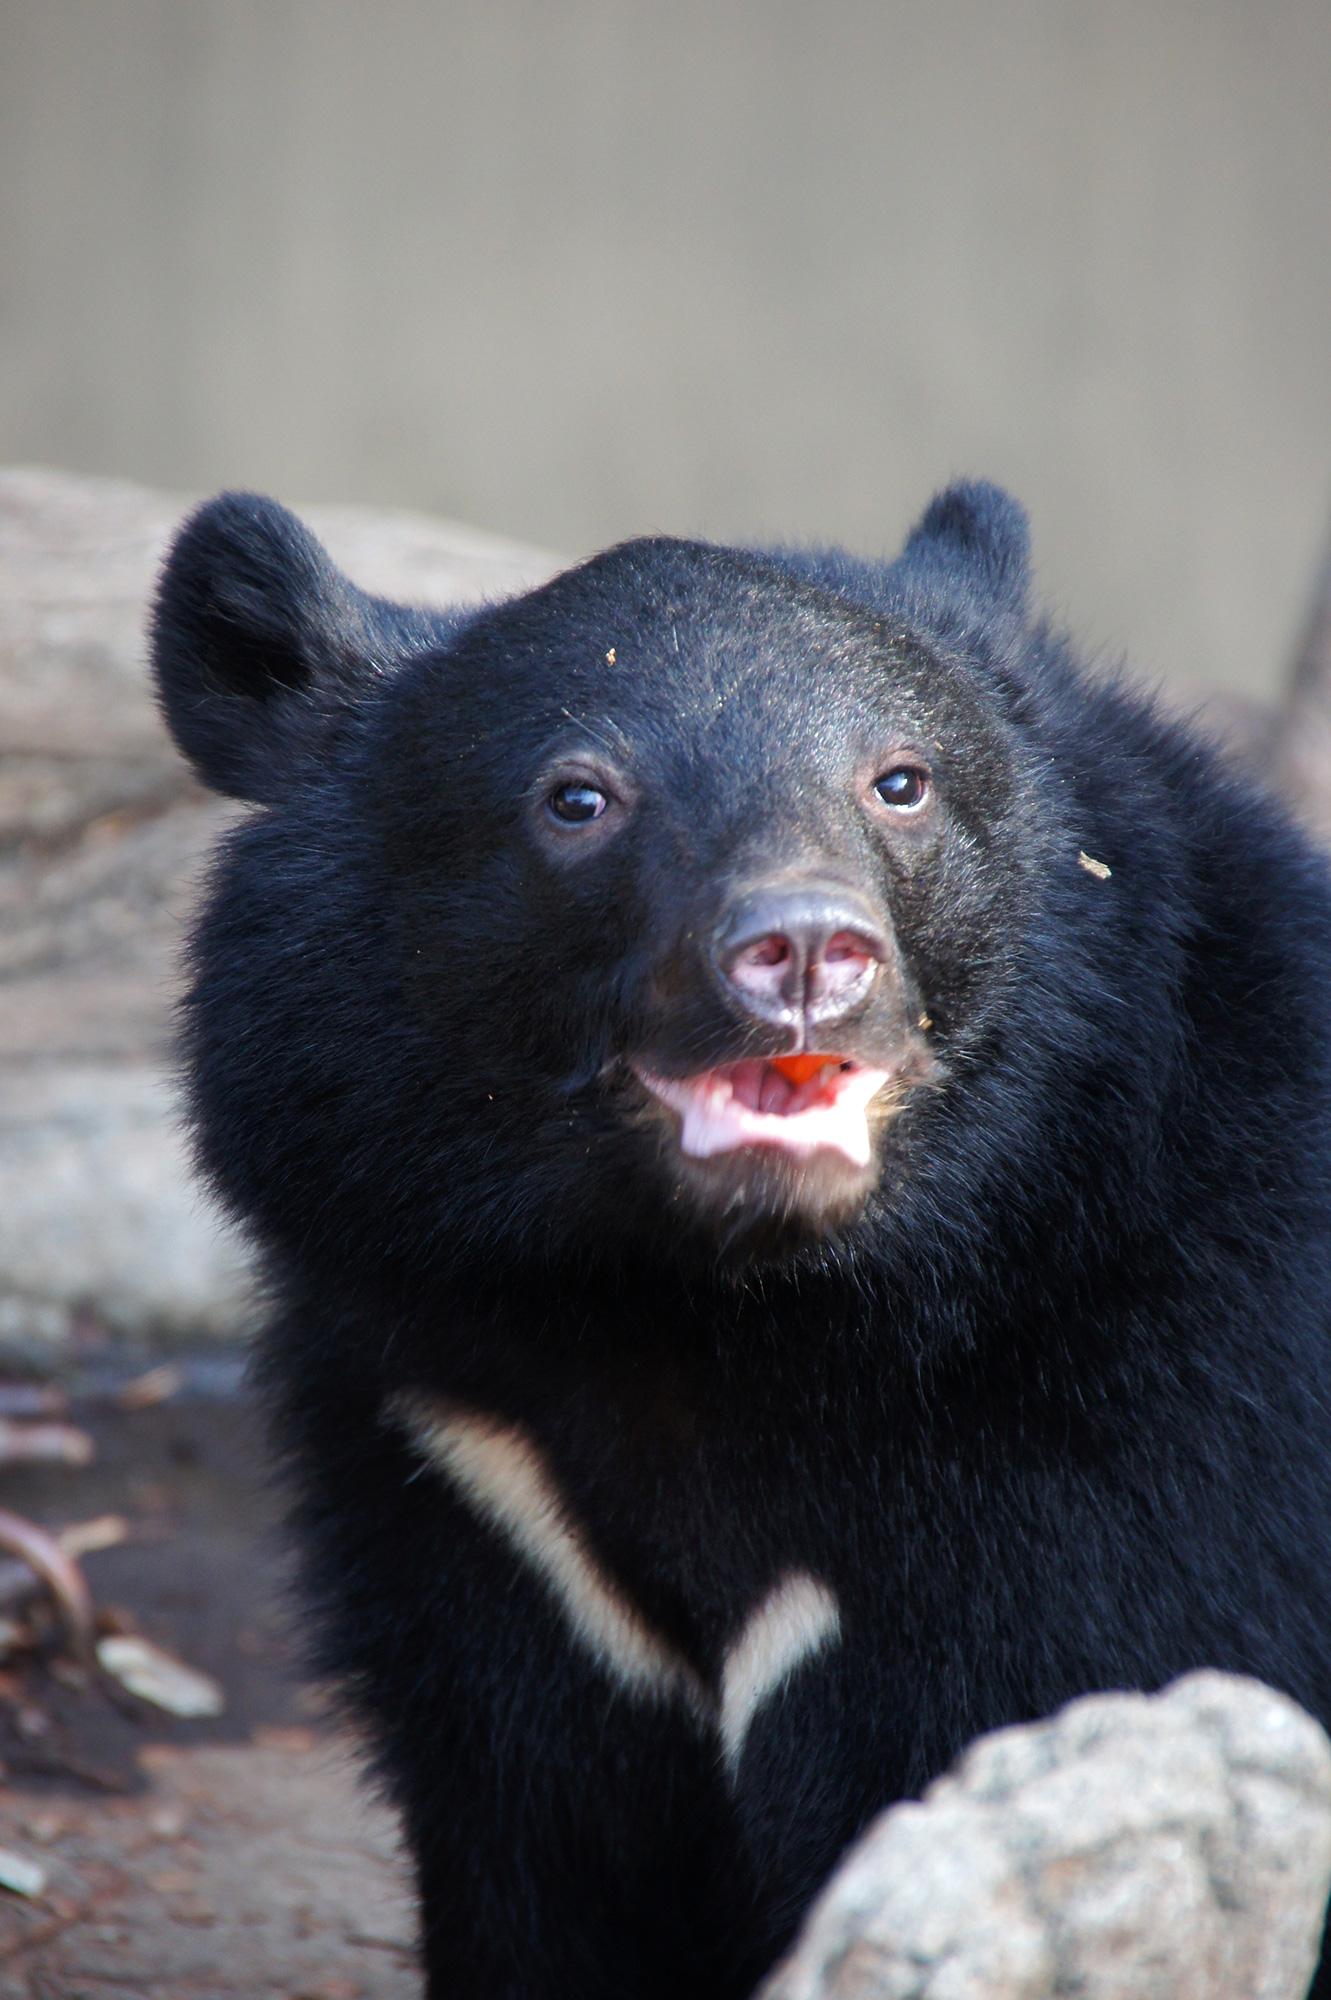 動物園の熊のフリー写真素材